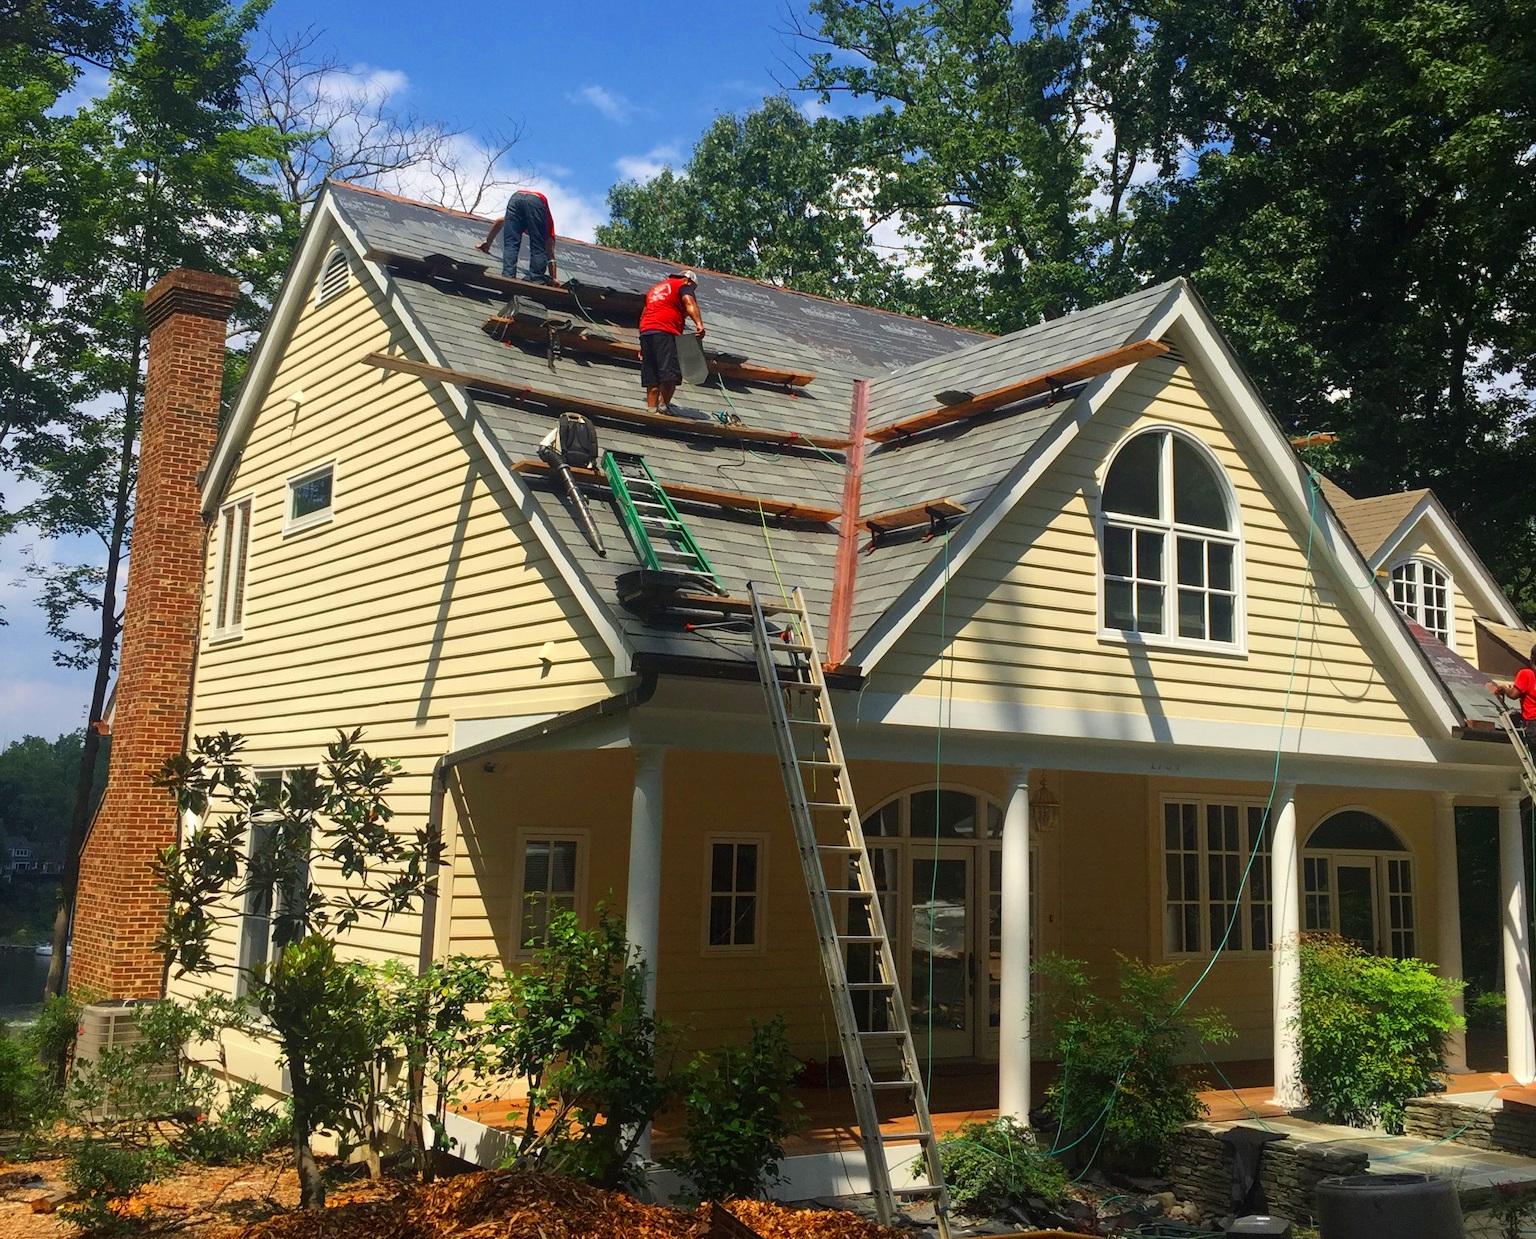 Severna Park Roofing Company